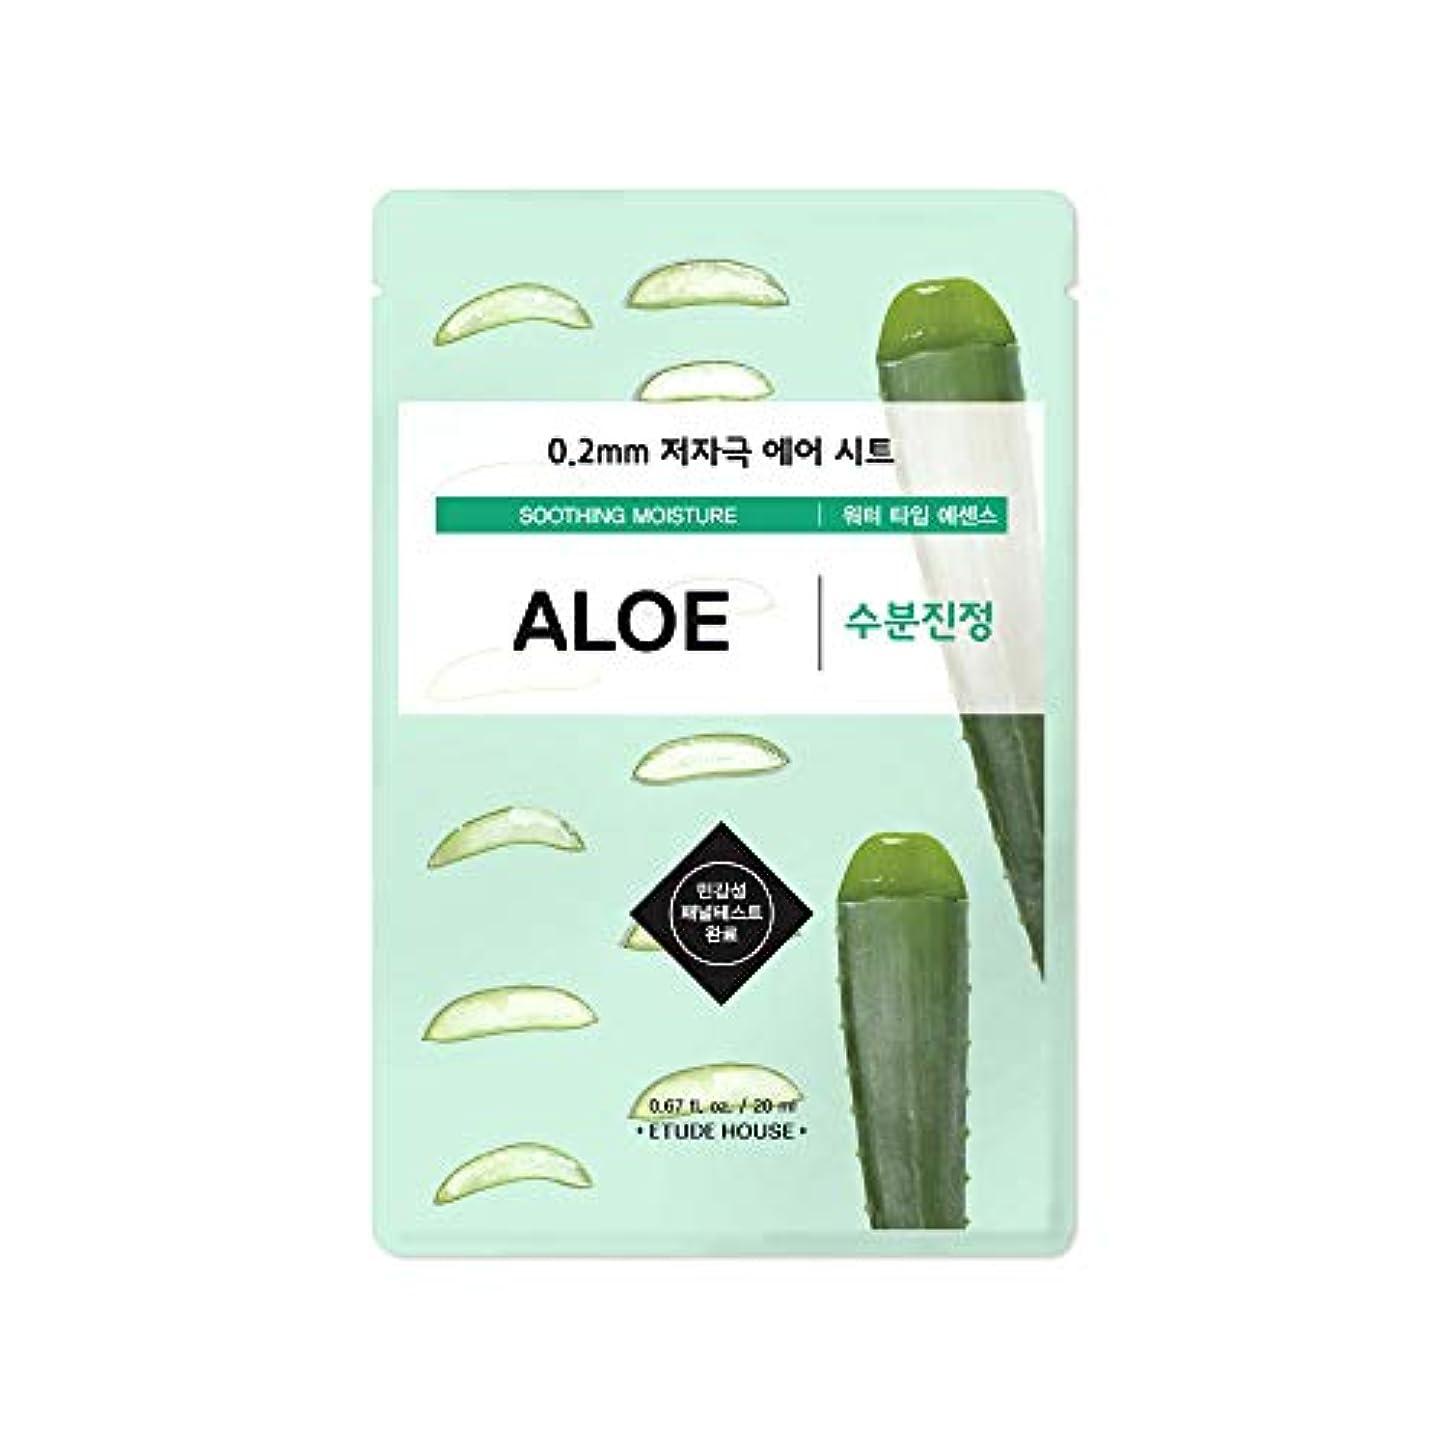 接続詞側暴動ETUDE HOUSE 0.2 Therapy Air Mask 20ml×10ea (#01 Aloe)/エチュードハウス 0.2 セラピー エア マスク 20ml×10枚 (#01 Aloe)